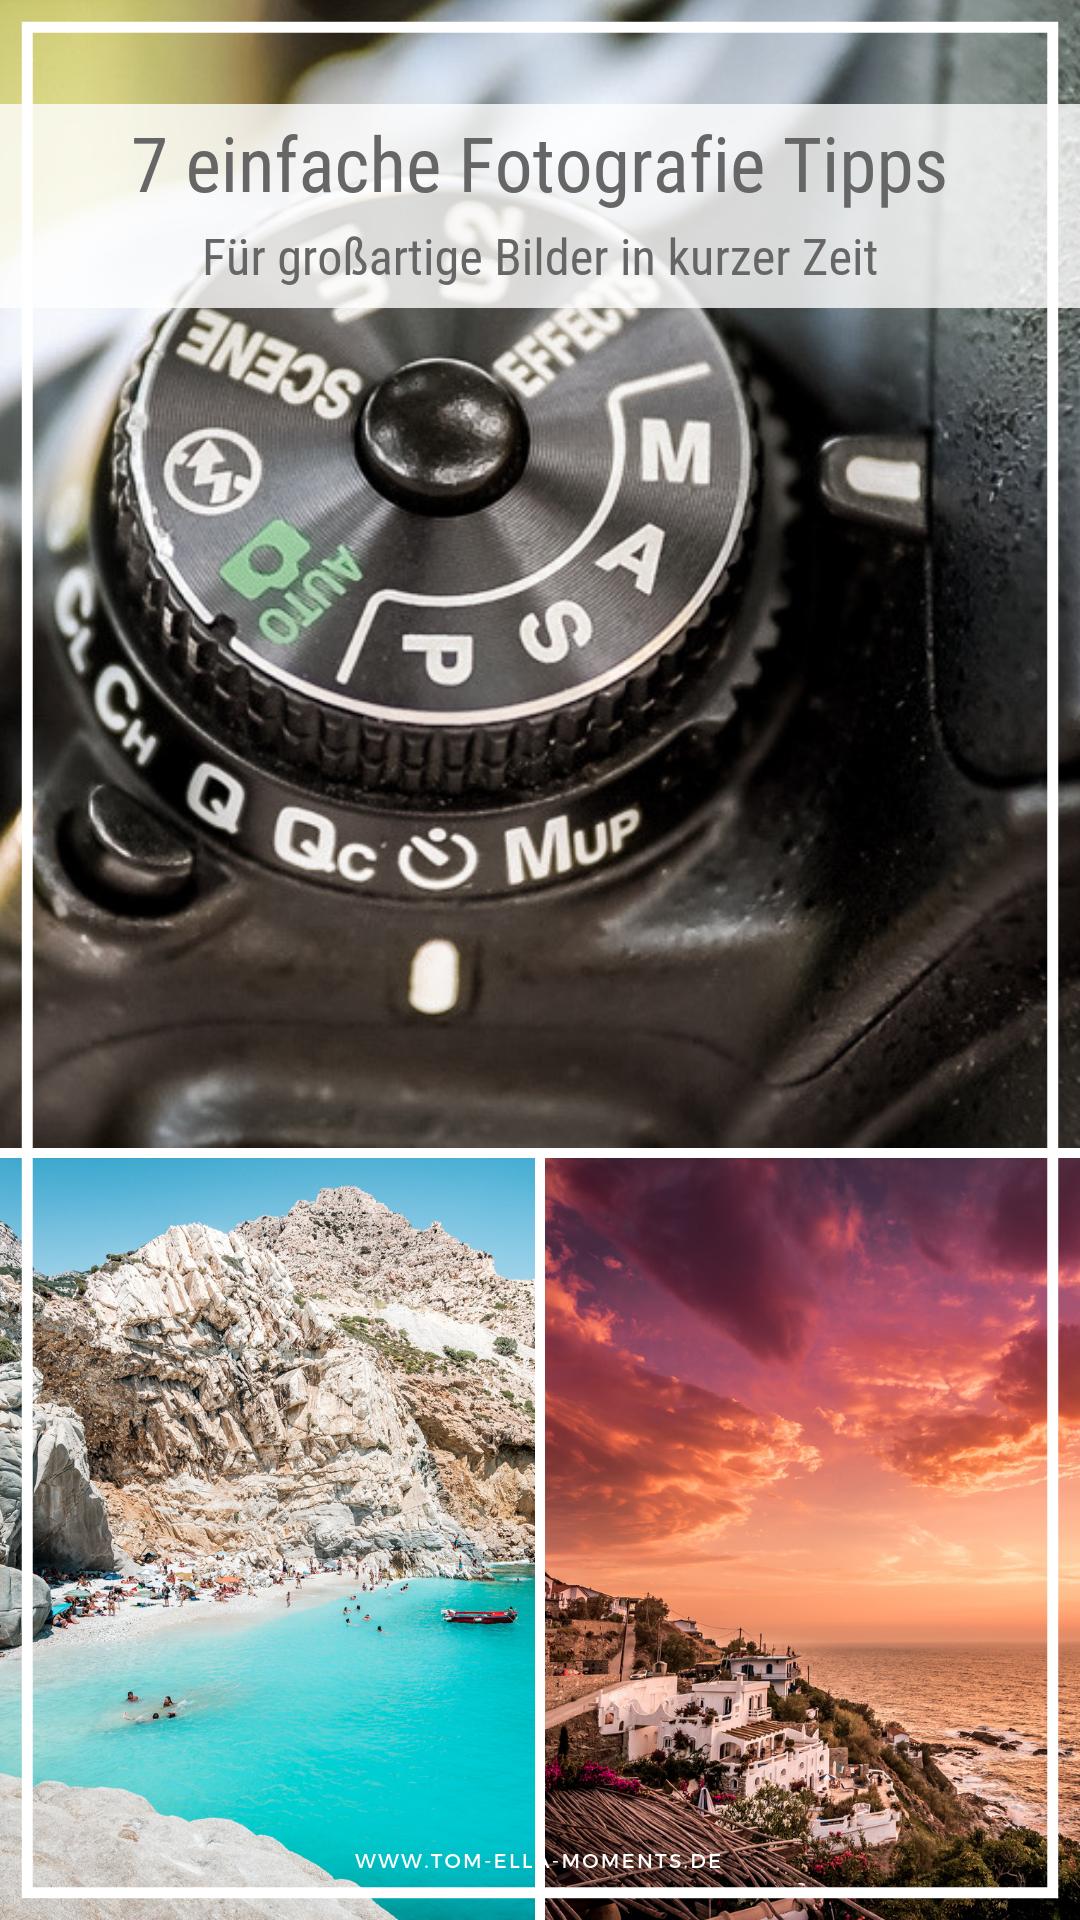 Fotografie Tipps Die 7 Besten Fotografie Regeln Fur Perfekte Fotos Fotografie Tipps Unsere 7 Tipps Photography Rules Amazing Photography Photography Tips